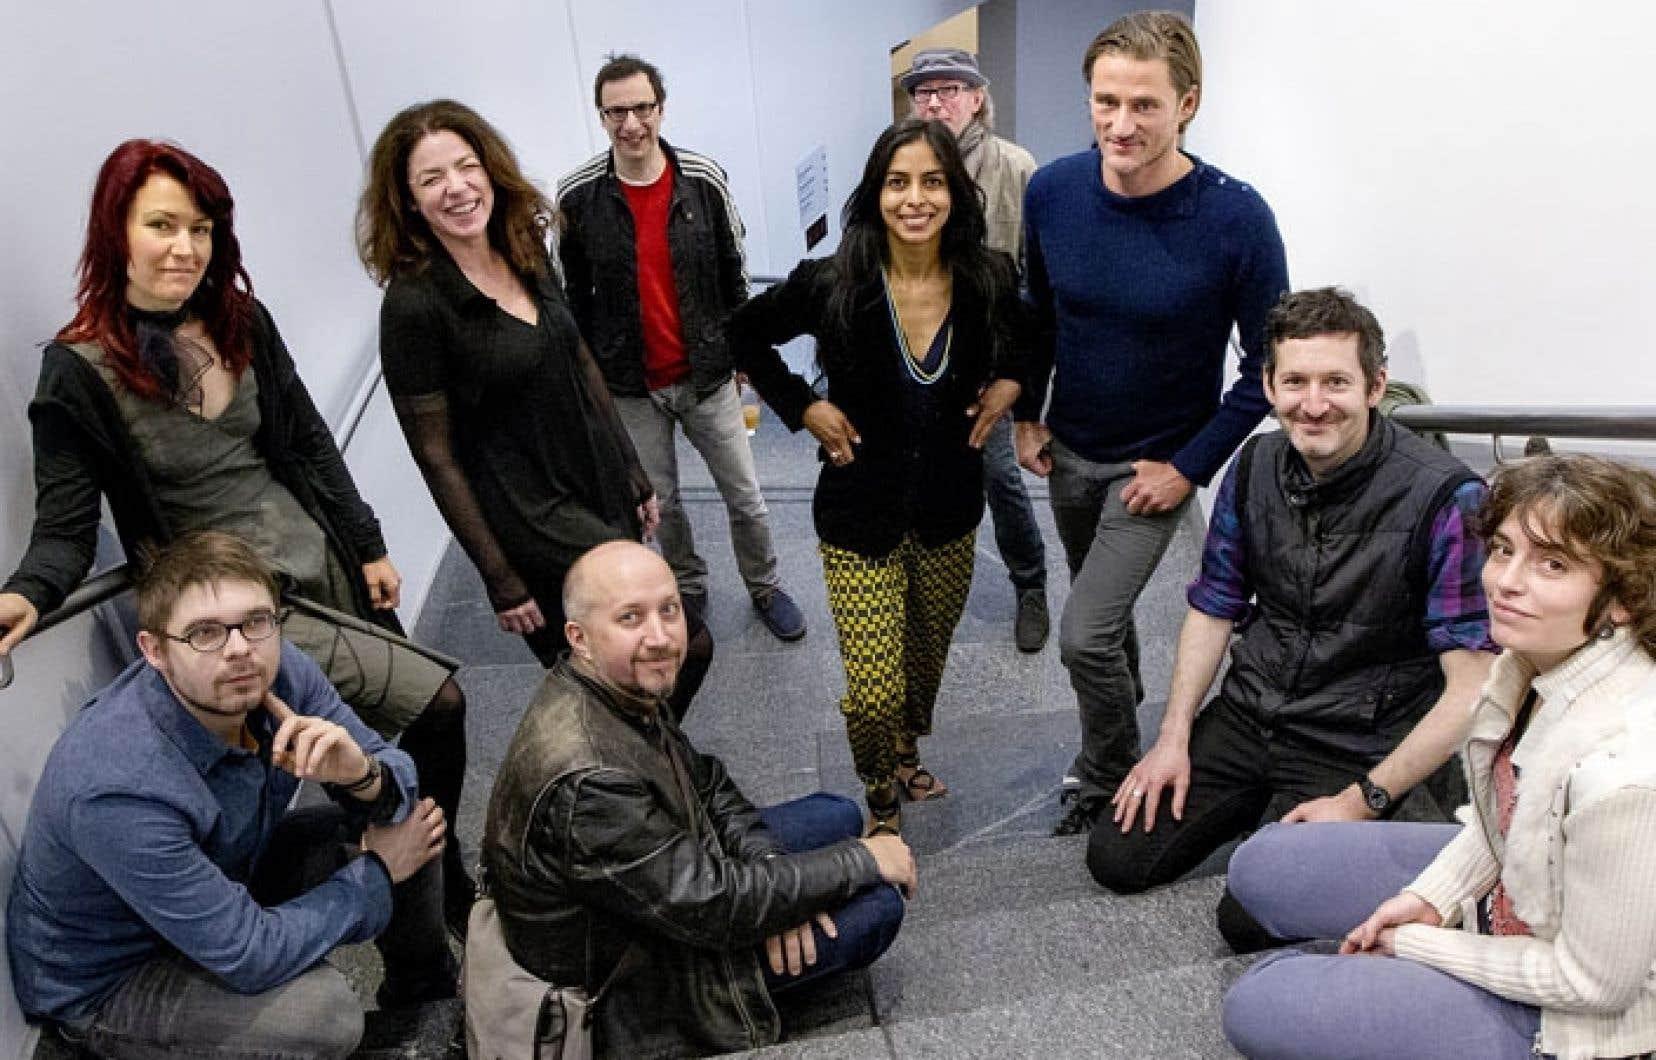 Sylvie Fortin, la directrice de la Biennale (deuxième à partir dela gauche), en compagnie de quelques-uns des artistes qui participeront à la BNL MTL à l'automne.